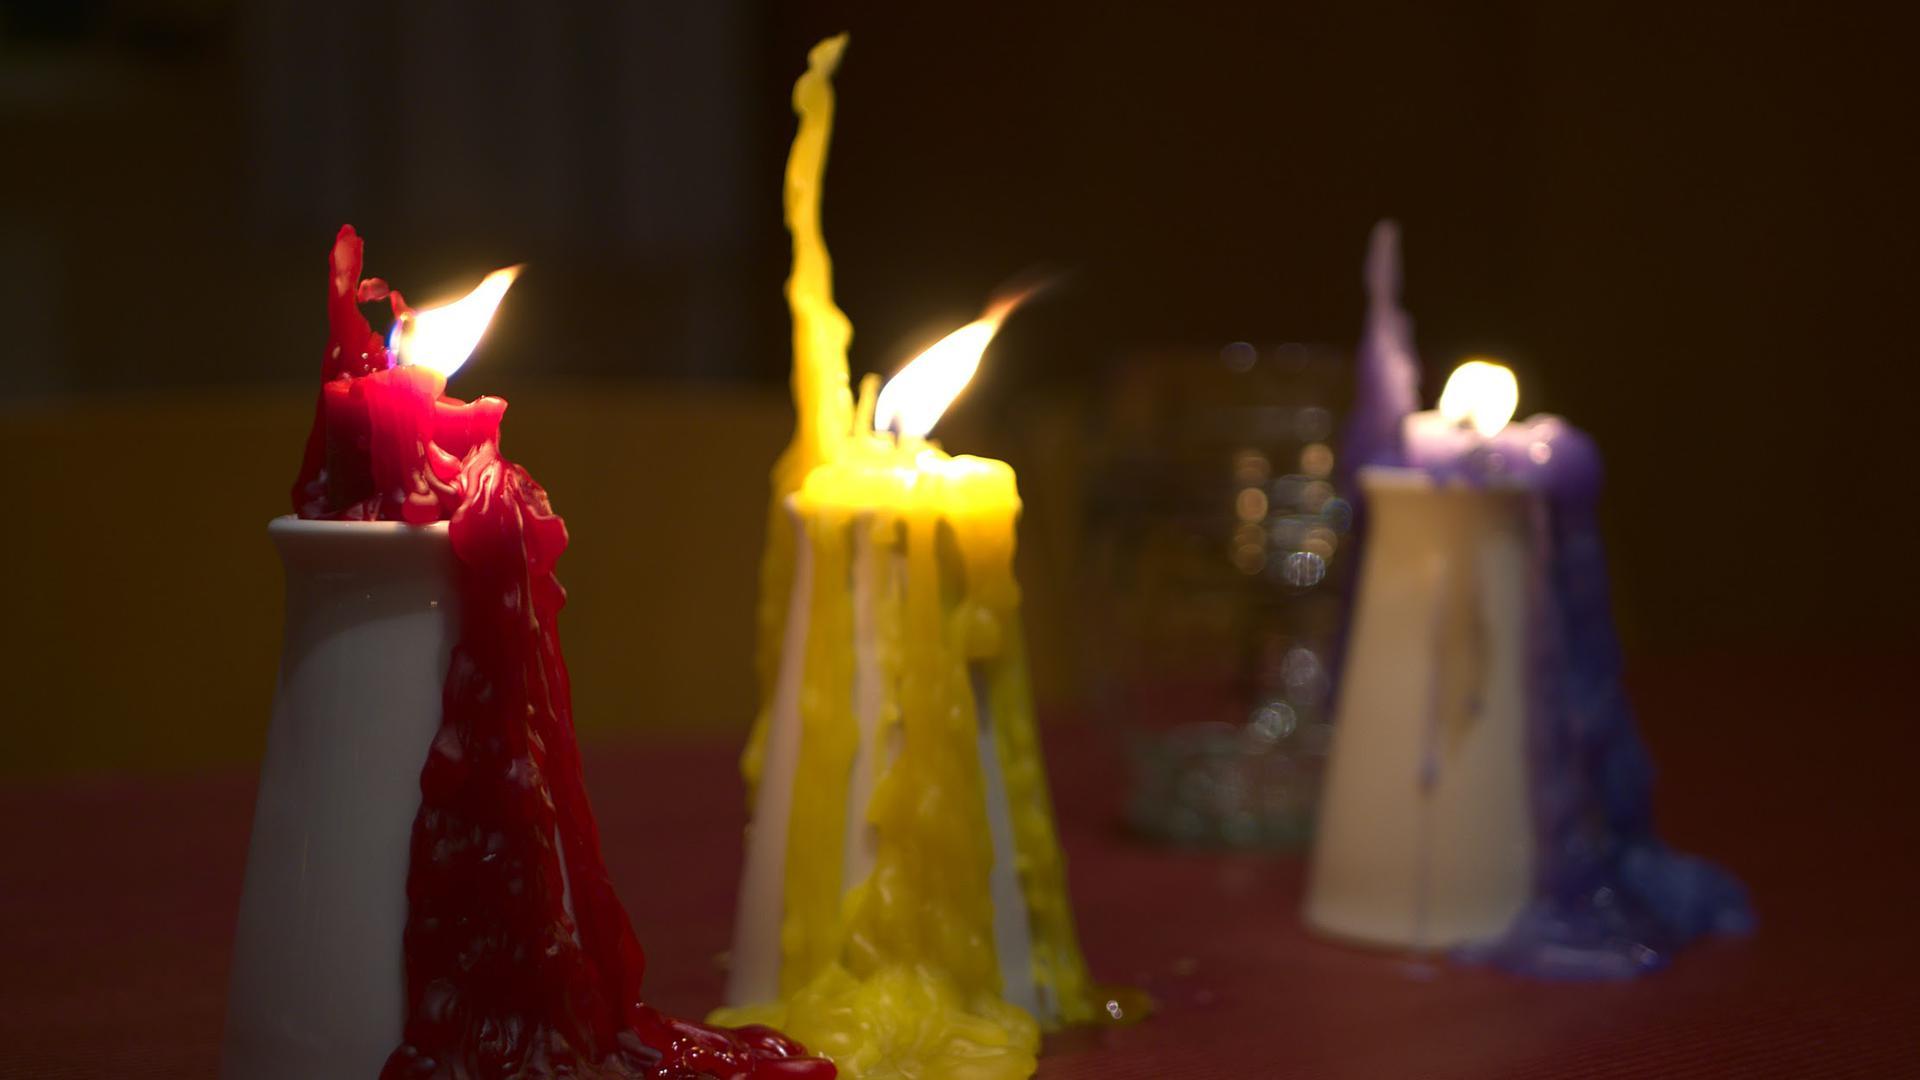 Farben, Symbole und Feste sind wichtiger Bestandteil des Verbindungslebens.